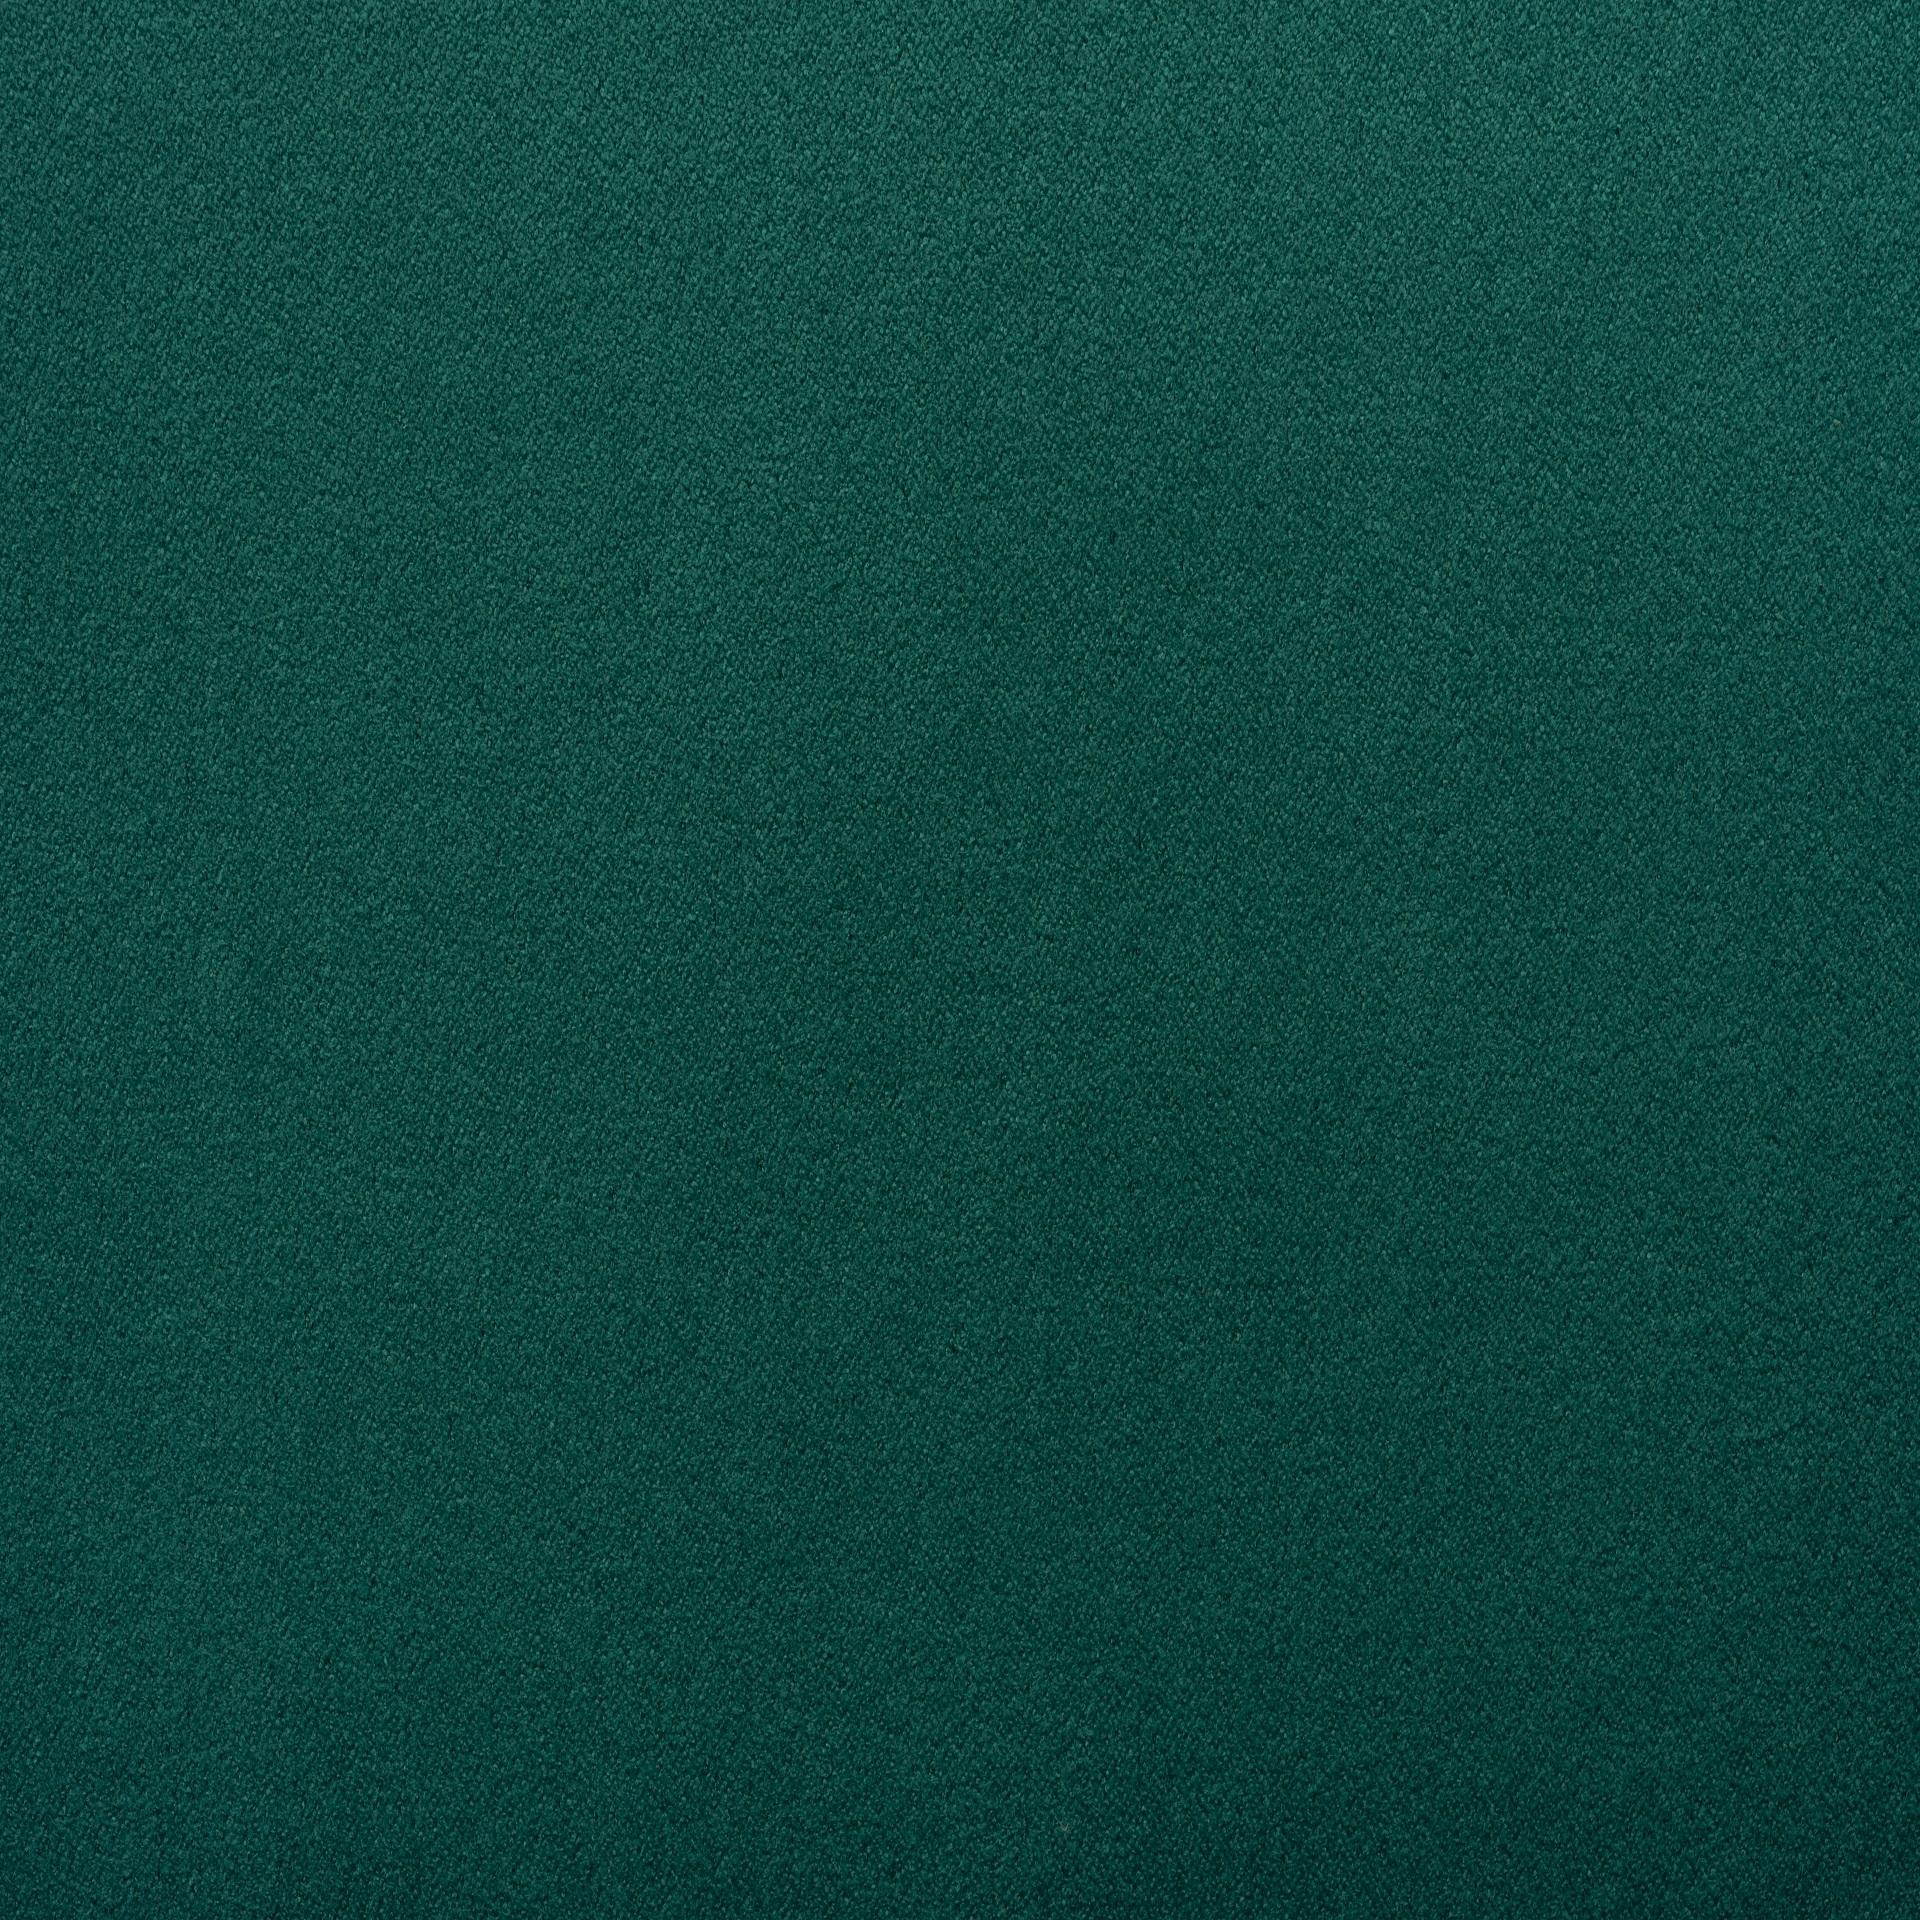 Коллекция ткани Бонд AQUA 18,  купить ткань Велюр для мебели Украина